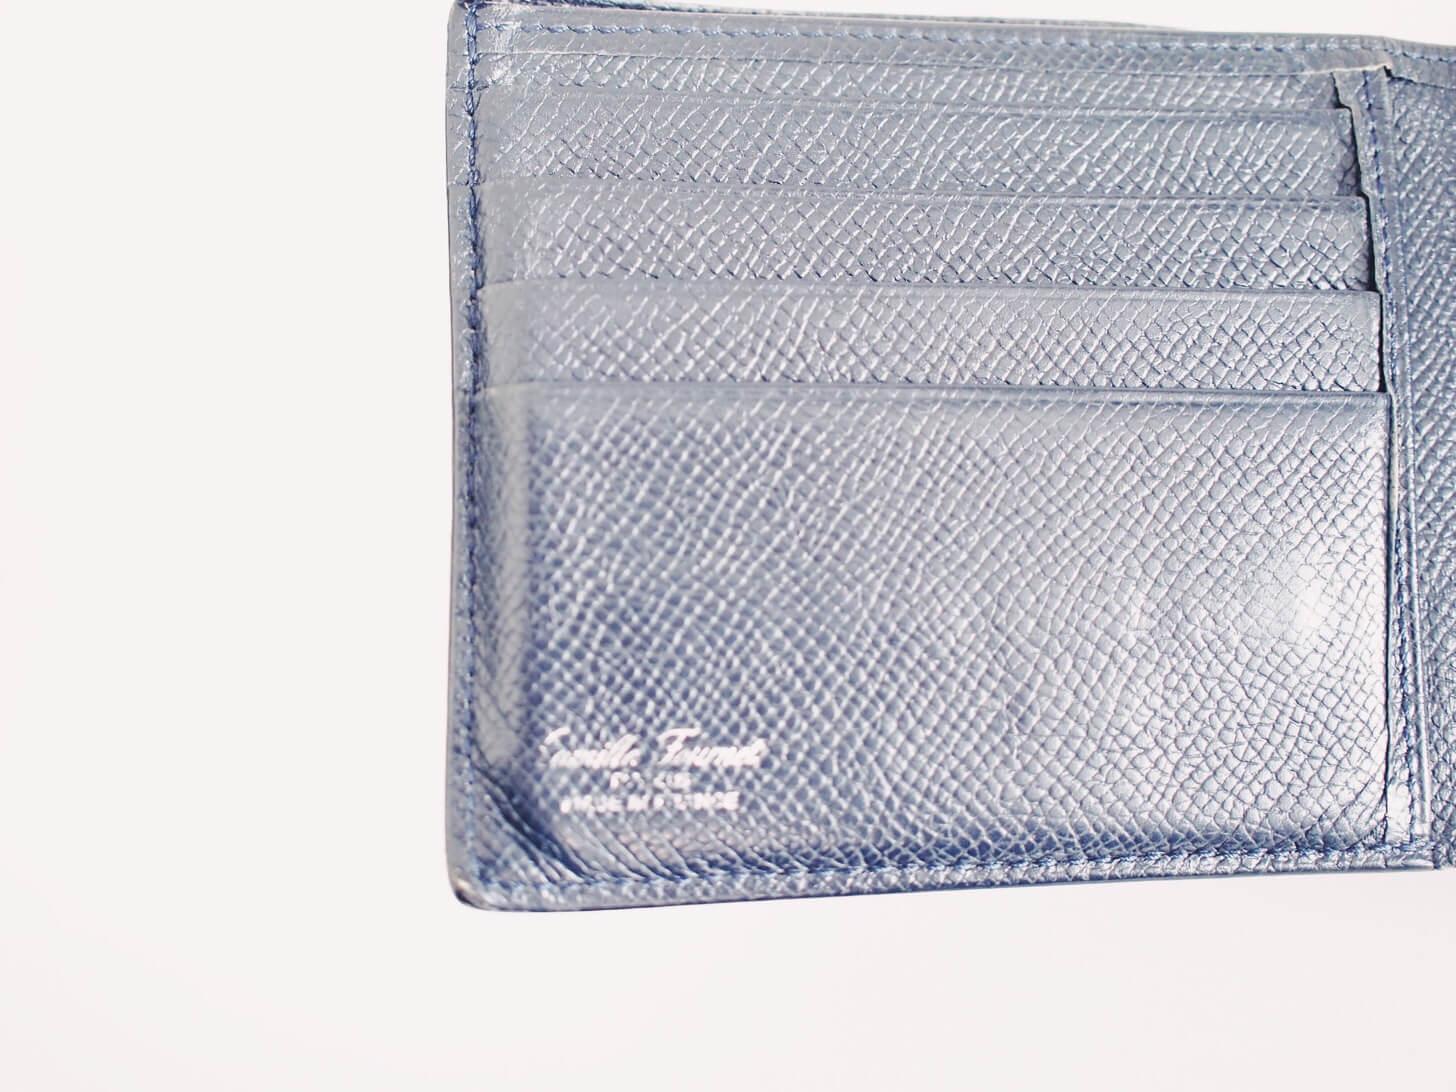 カミーユフォルネの財布-3